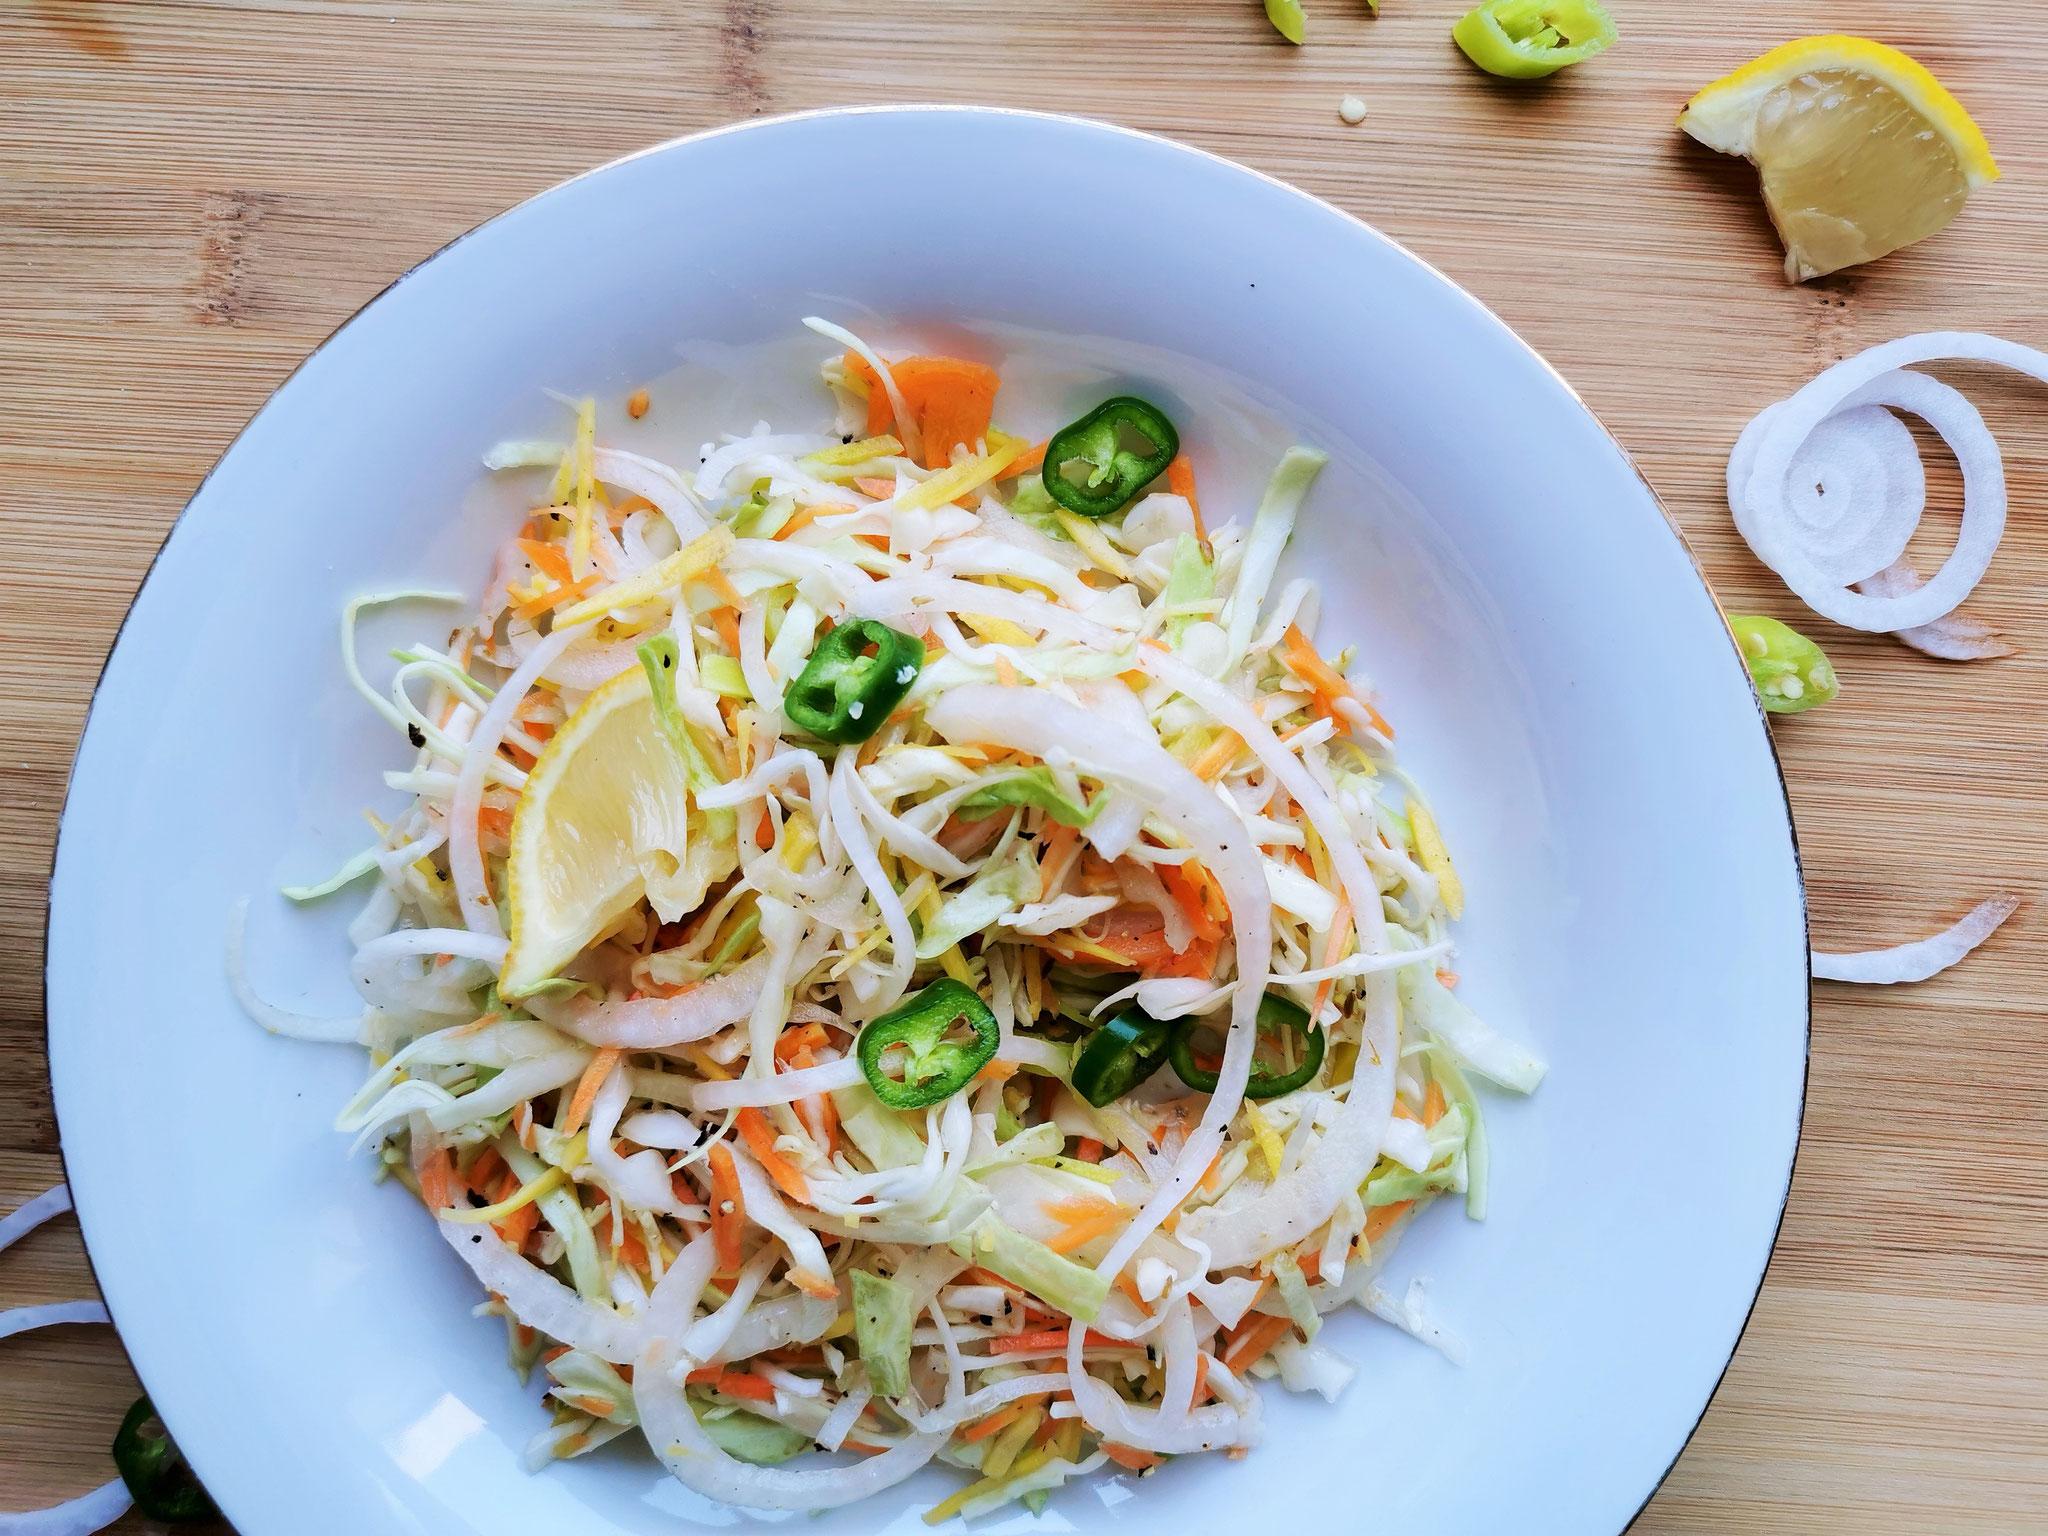 Kreuzkümmel verleiht dem Salat eine orientalische Note